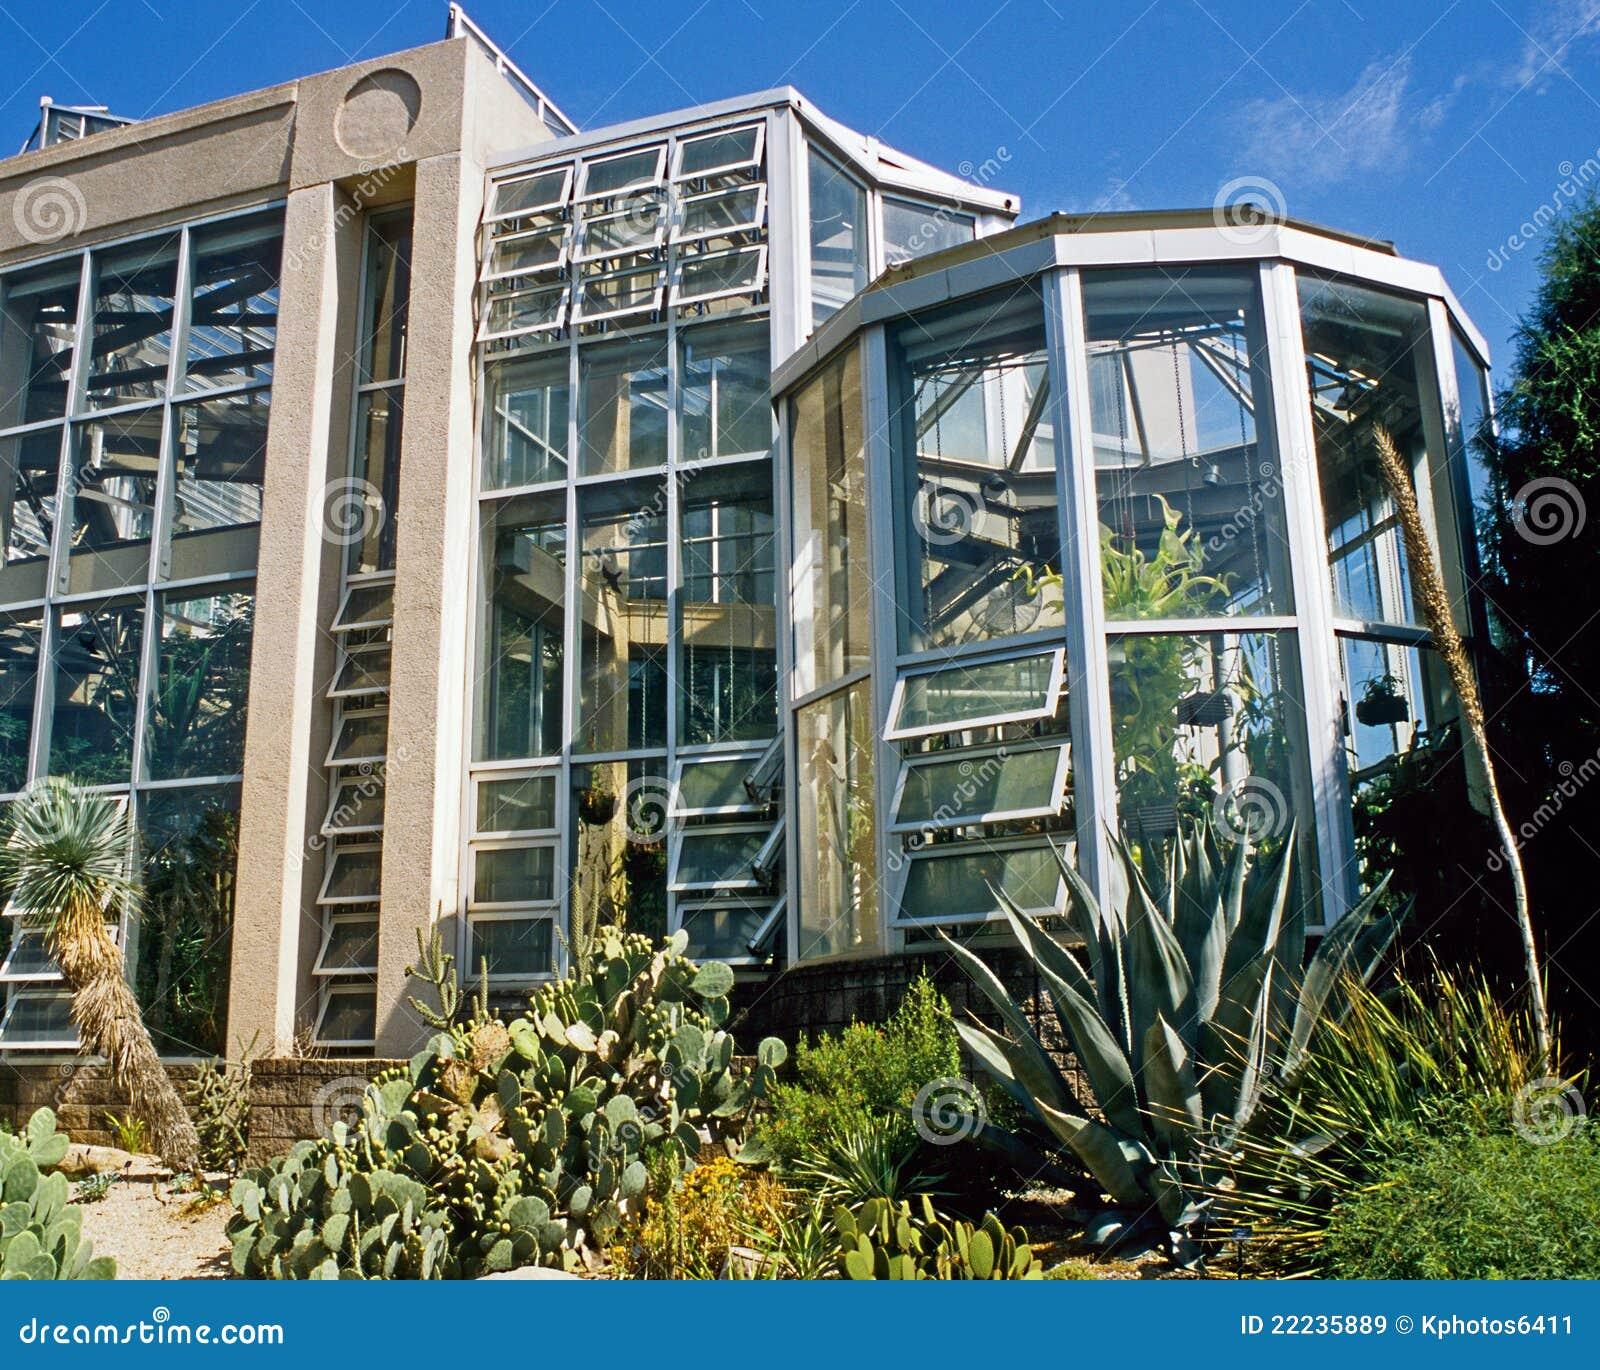 Atlanta Botanical Garden Storza Woods: Atlanta Botanical Garden Conservatory Stock Image